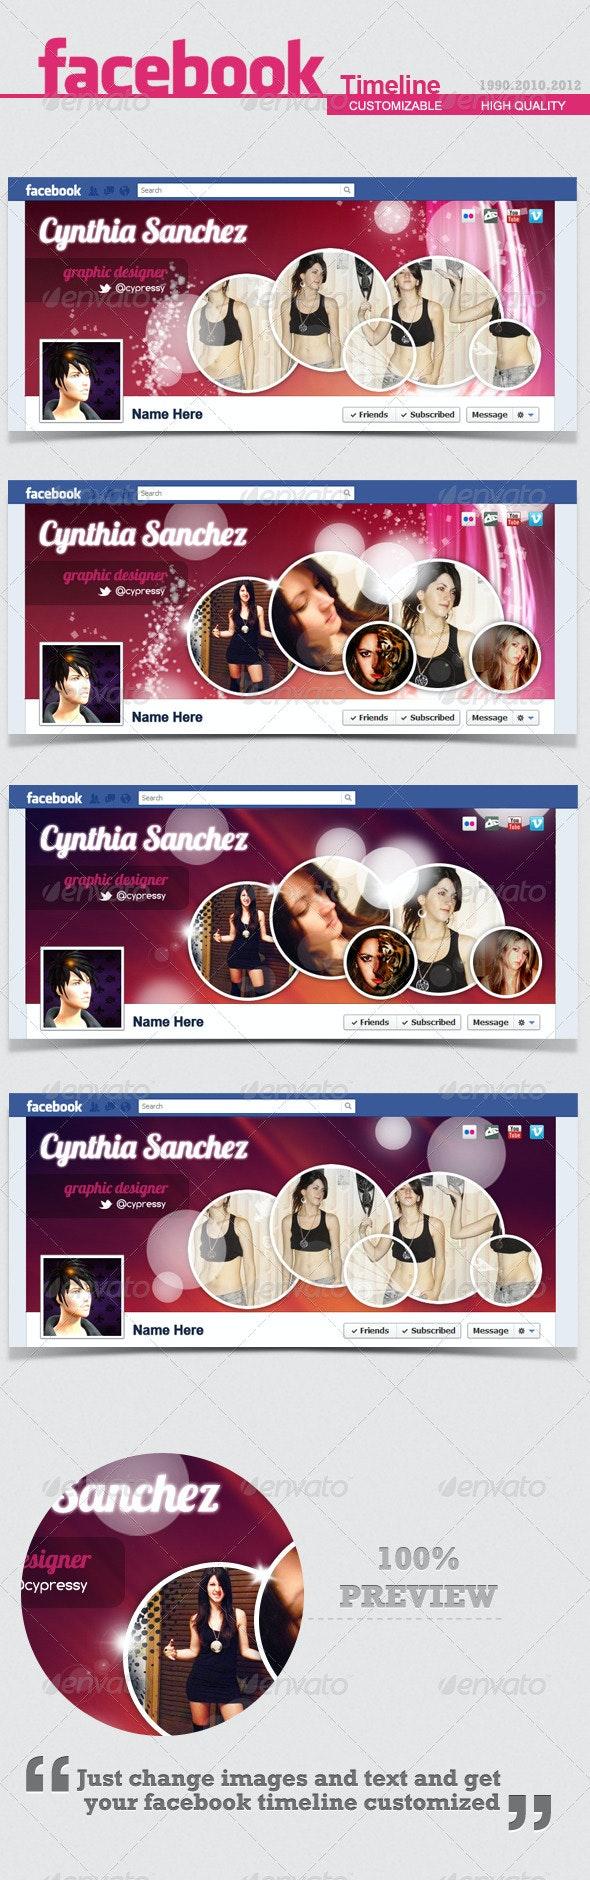 Facebook Timeline Cover V.2 - Facebook Timeline Covers Social Media